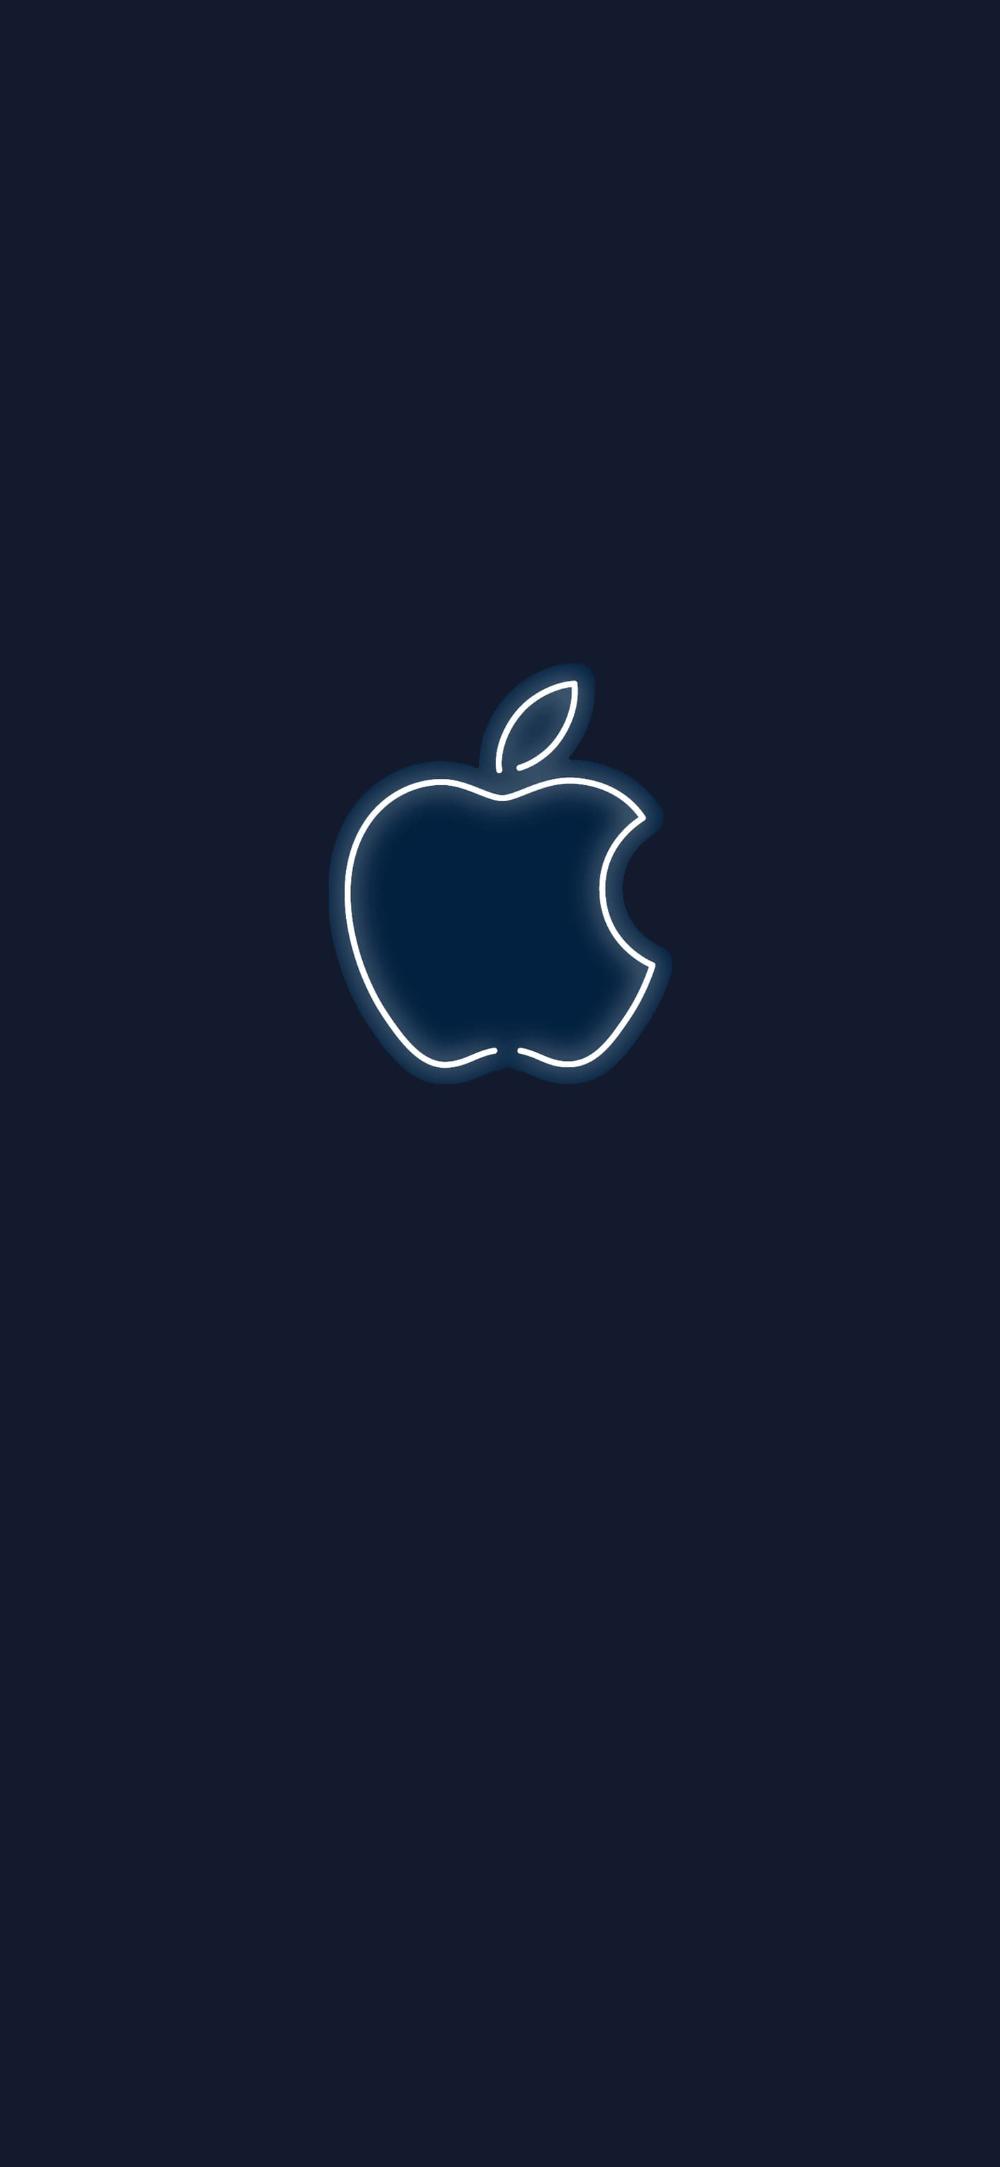 اجمل خلفيات الايفون بجودة Hd Iphone Wallpaper Apple Logo Wallpaper Apple Logo Wallpaper Iphone Apple Logo